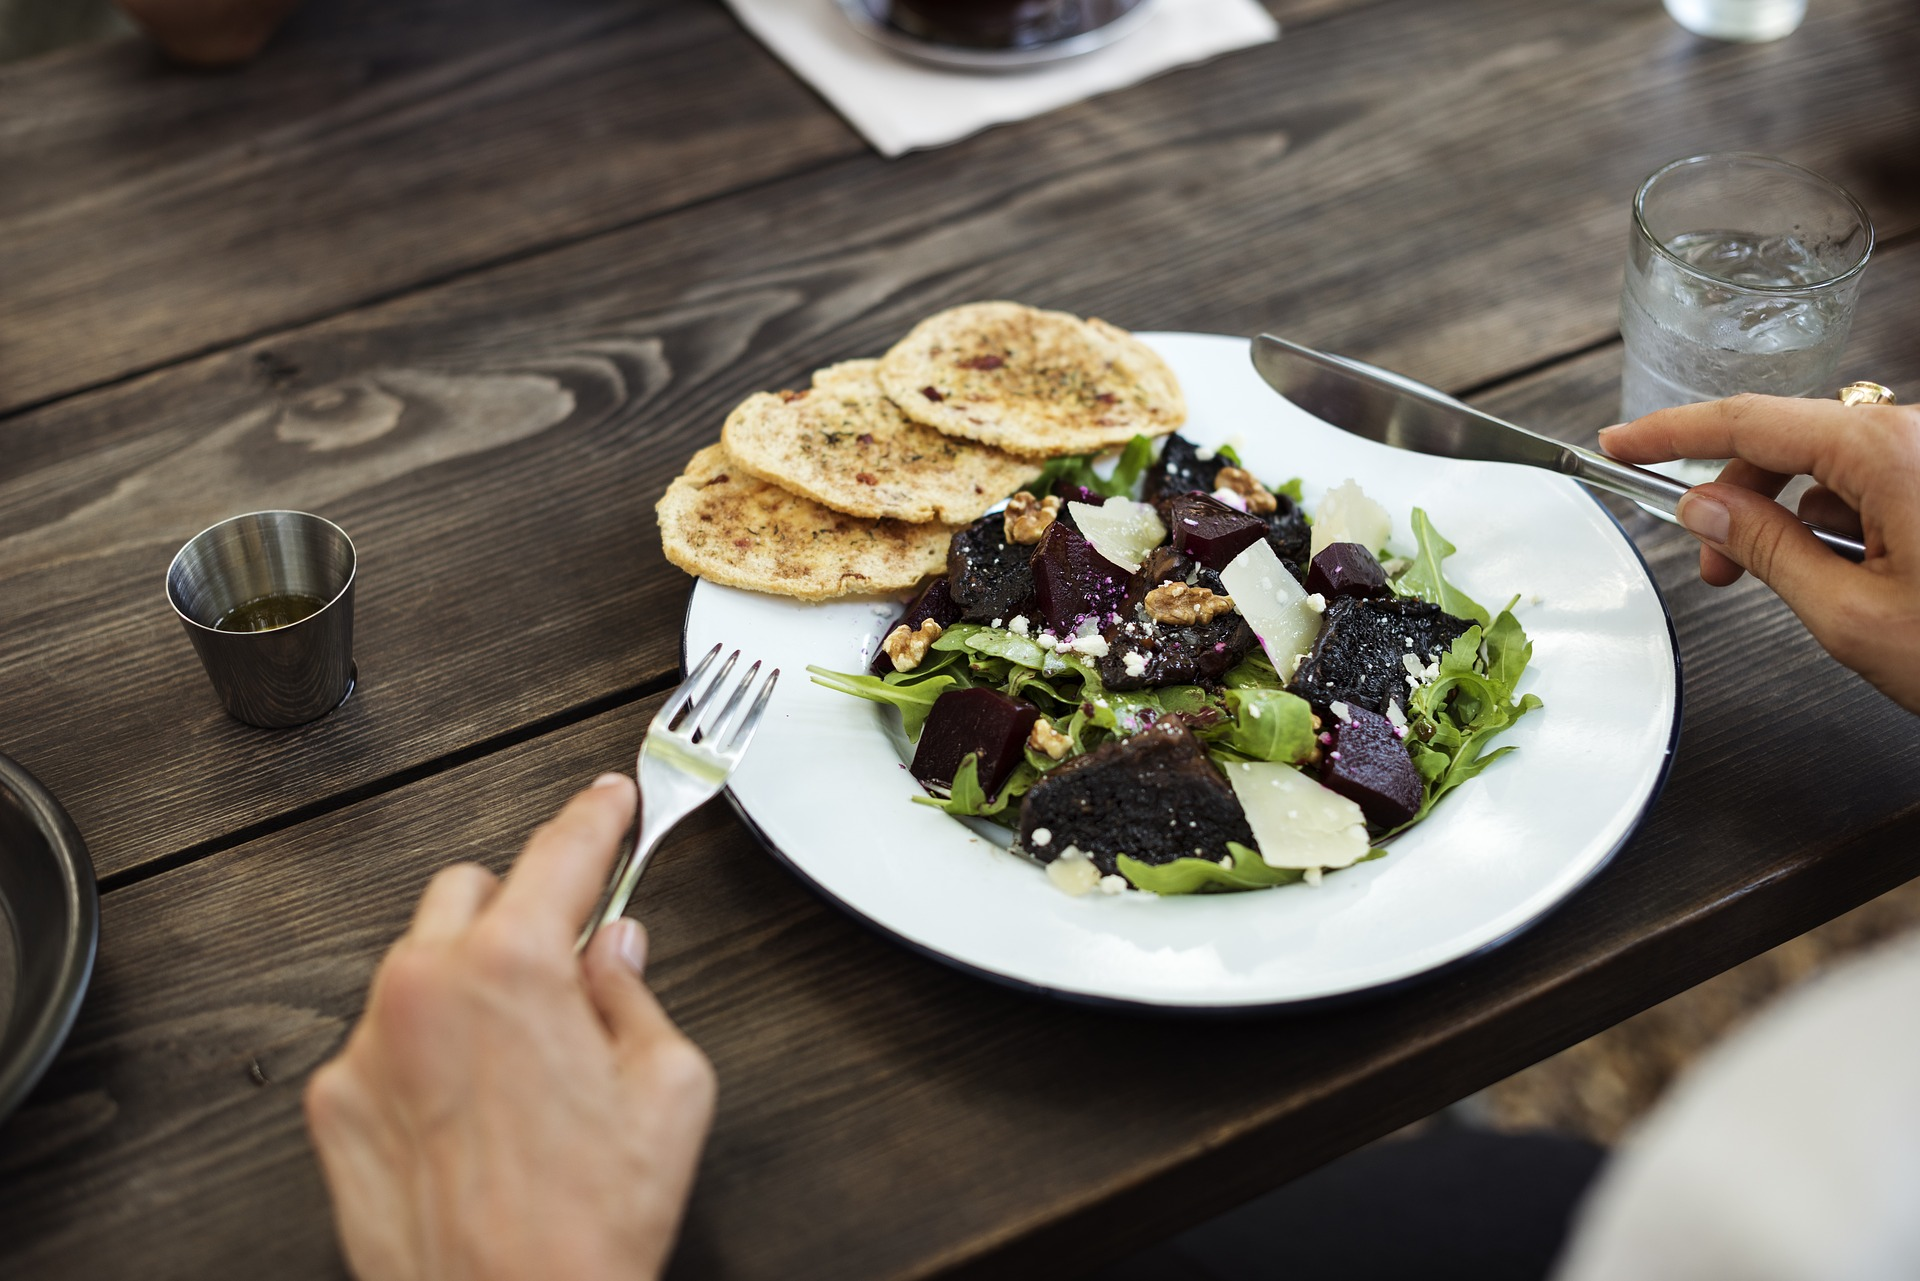 Livraison de repas : Foodora entre en bourse